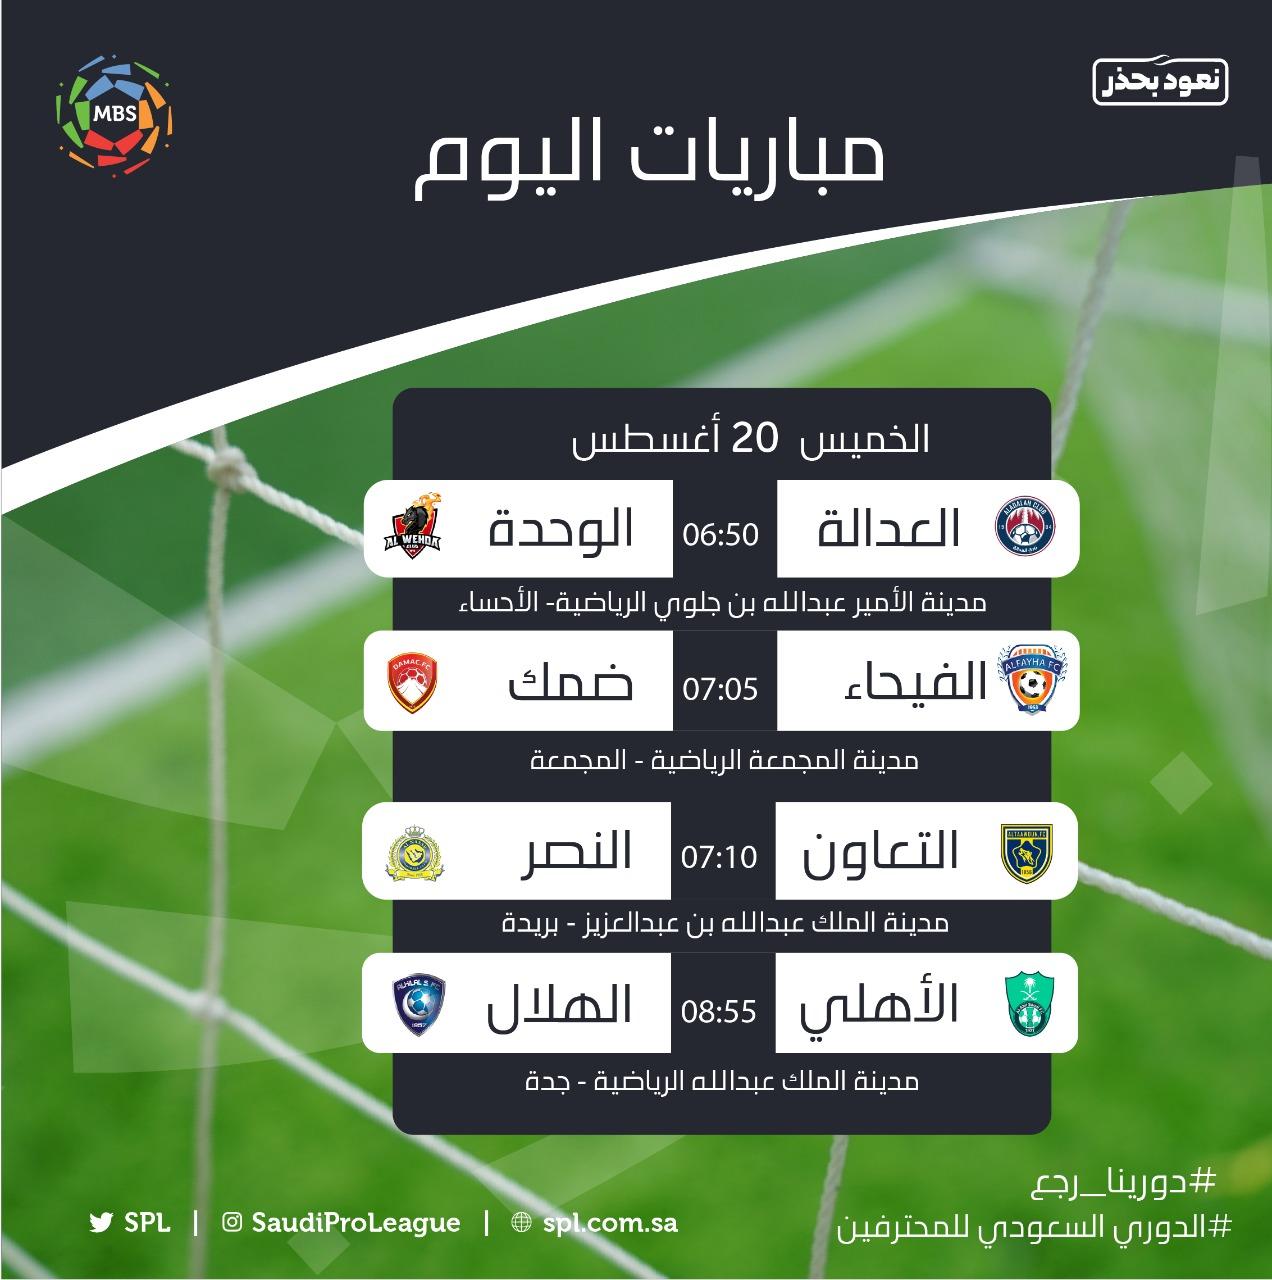 السعودي مباراة للمحترفين الدوري اليوم